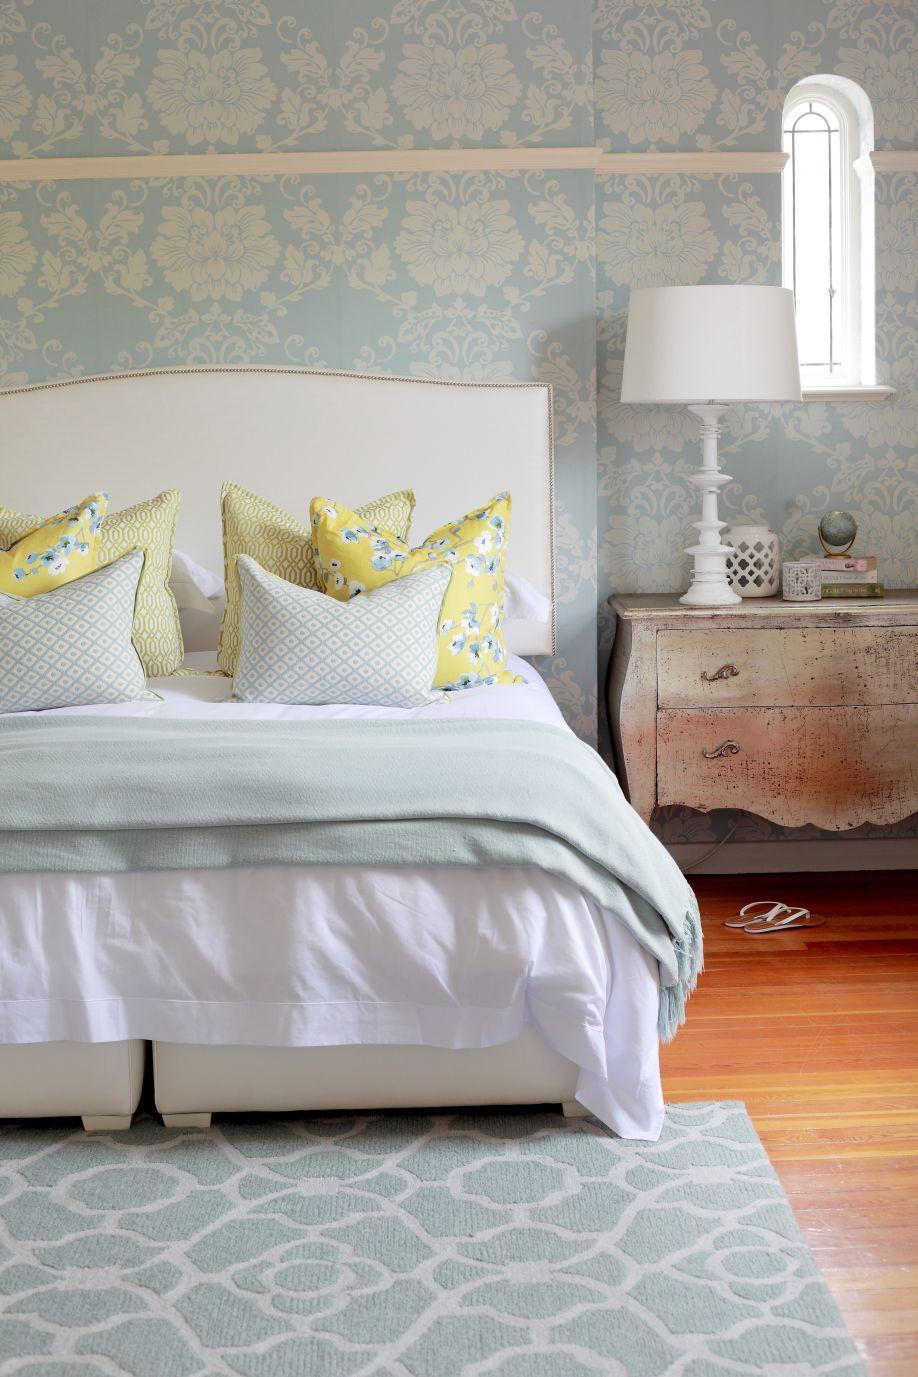 Tapete und Teppich in floralem Pastellblau, kombiniert mit dem zeitlosen Mustermix der Kissen auf einem Bett